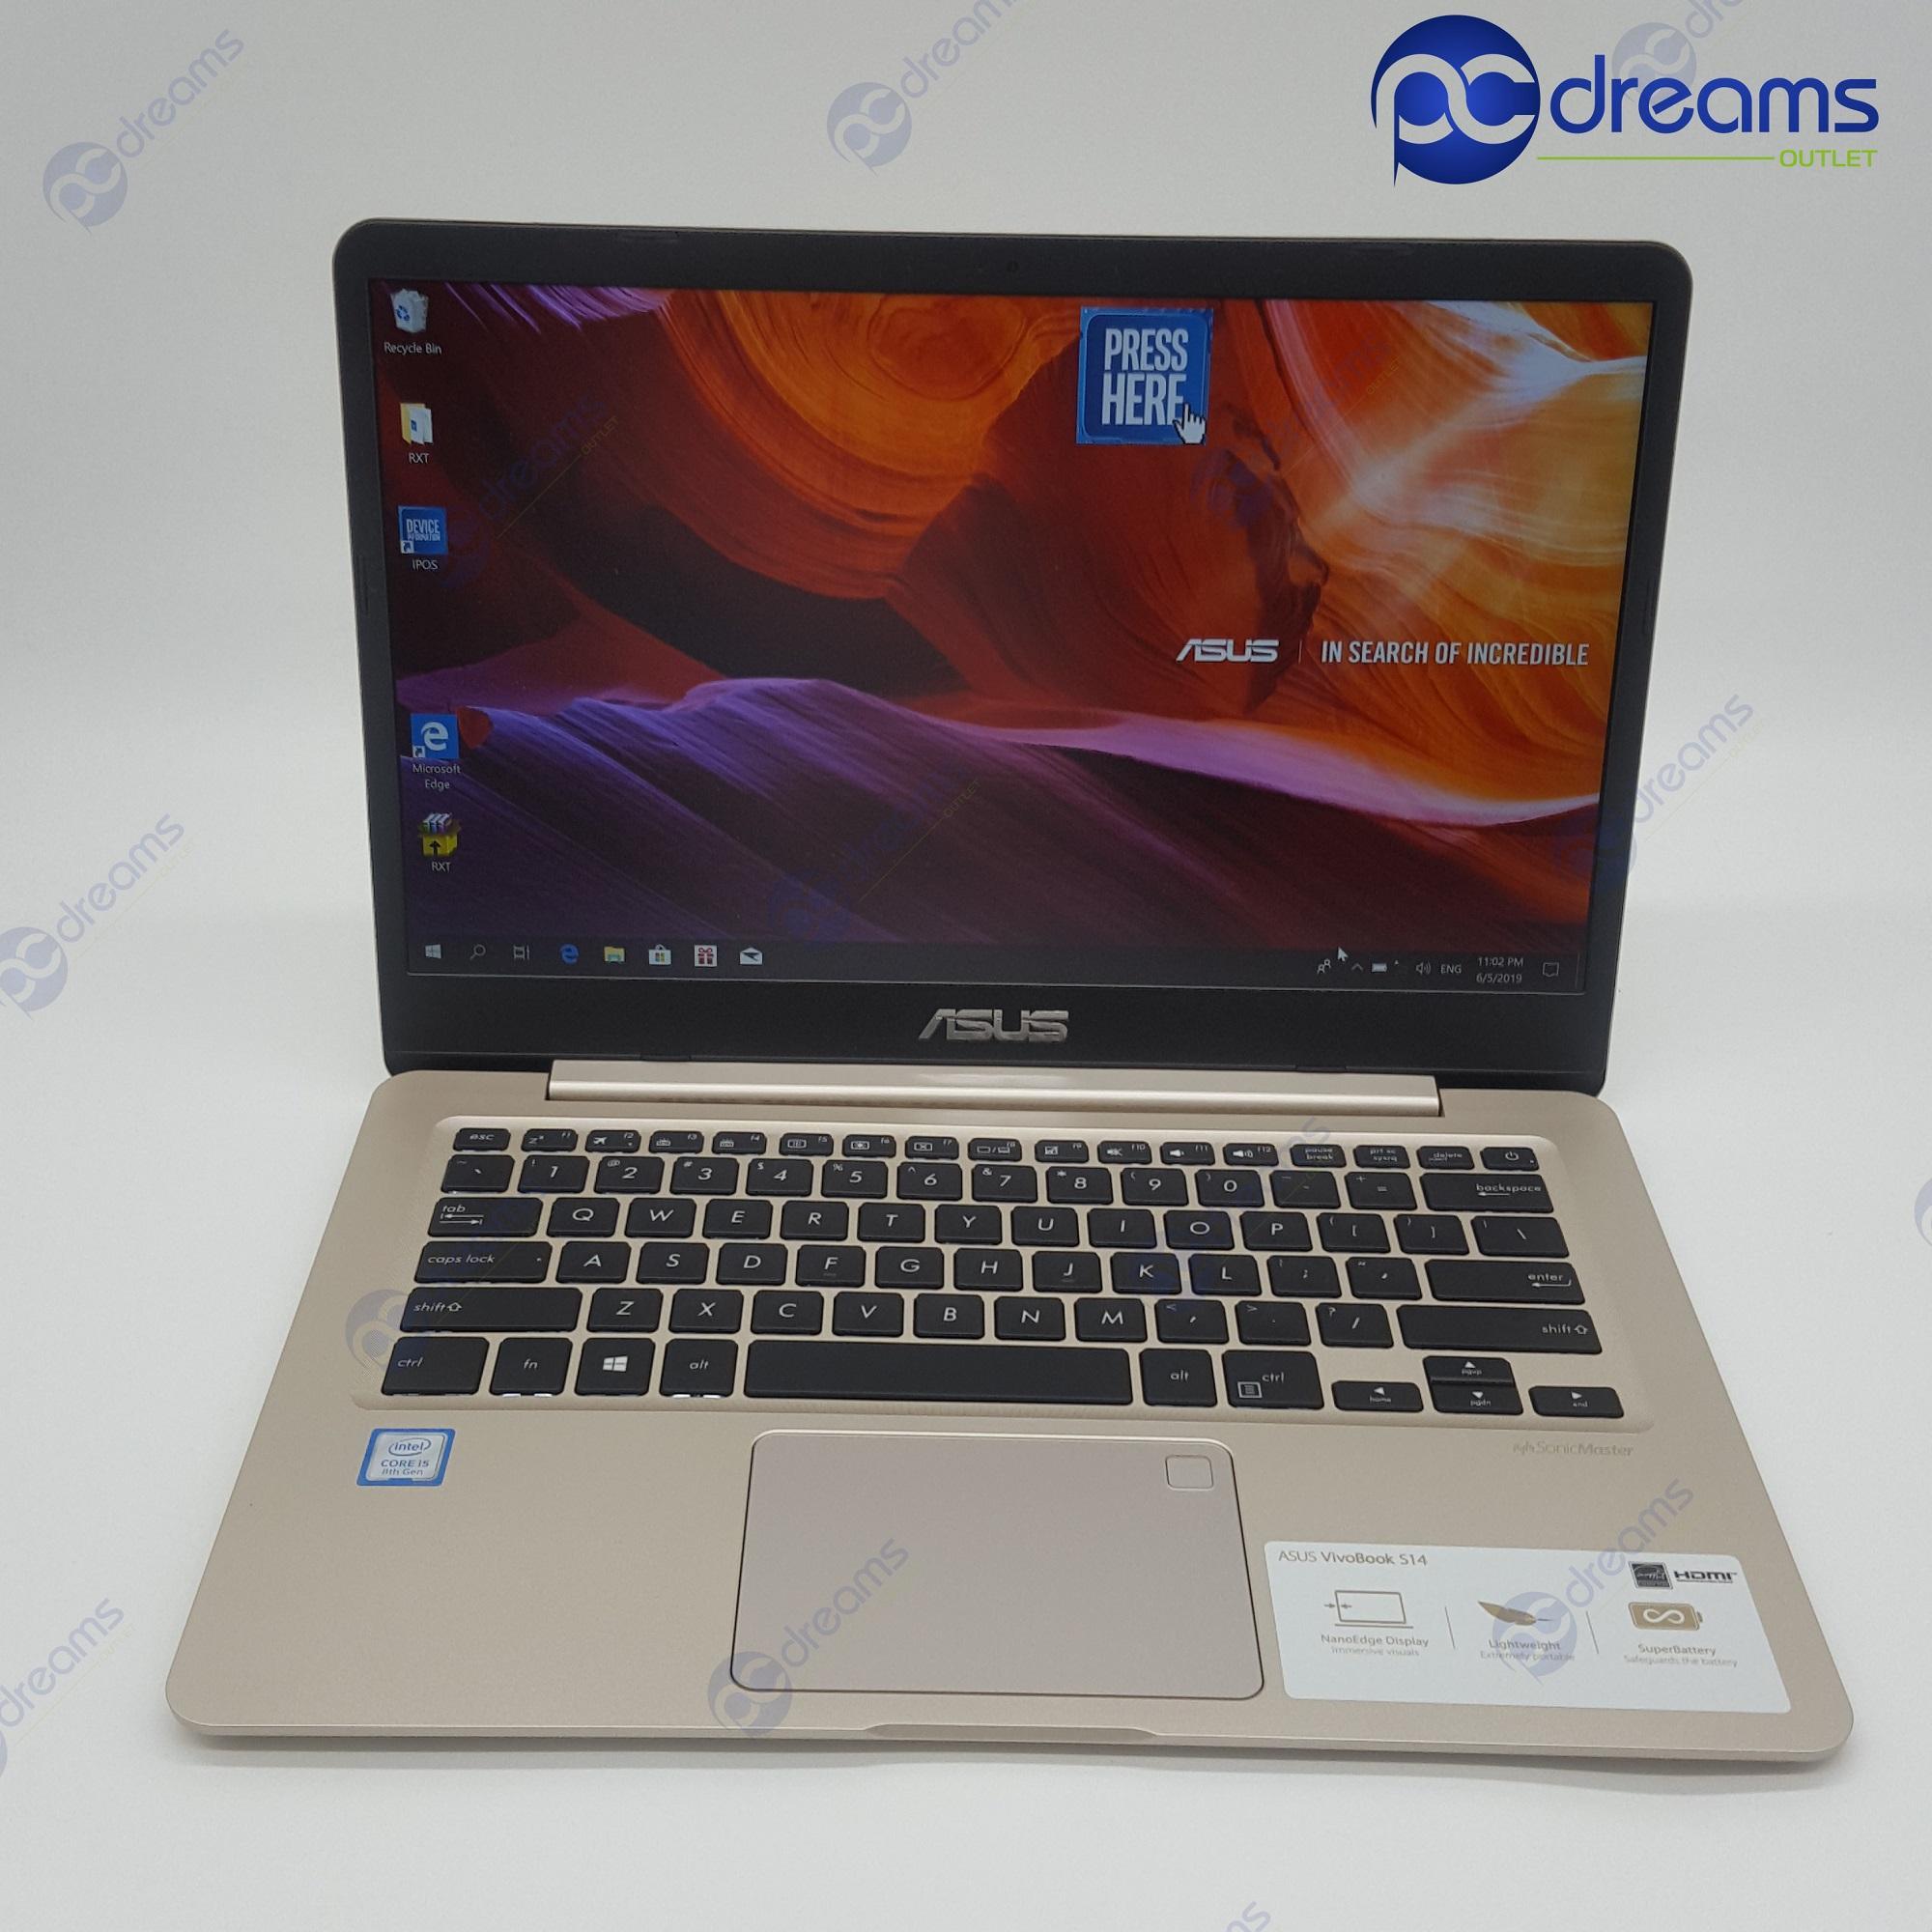 ASUS VIVOBOOK S406UA-BM146T i5-8250U/8GB/256GB SSD (1YR) [Premium Refreshed]